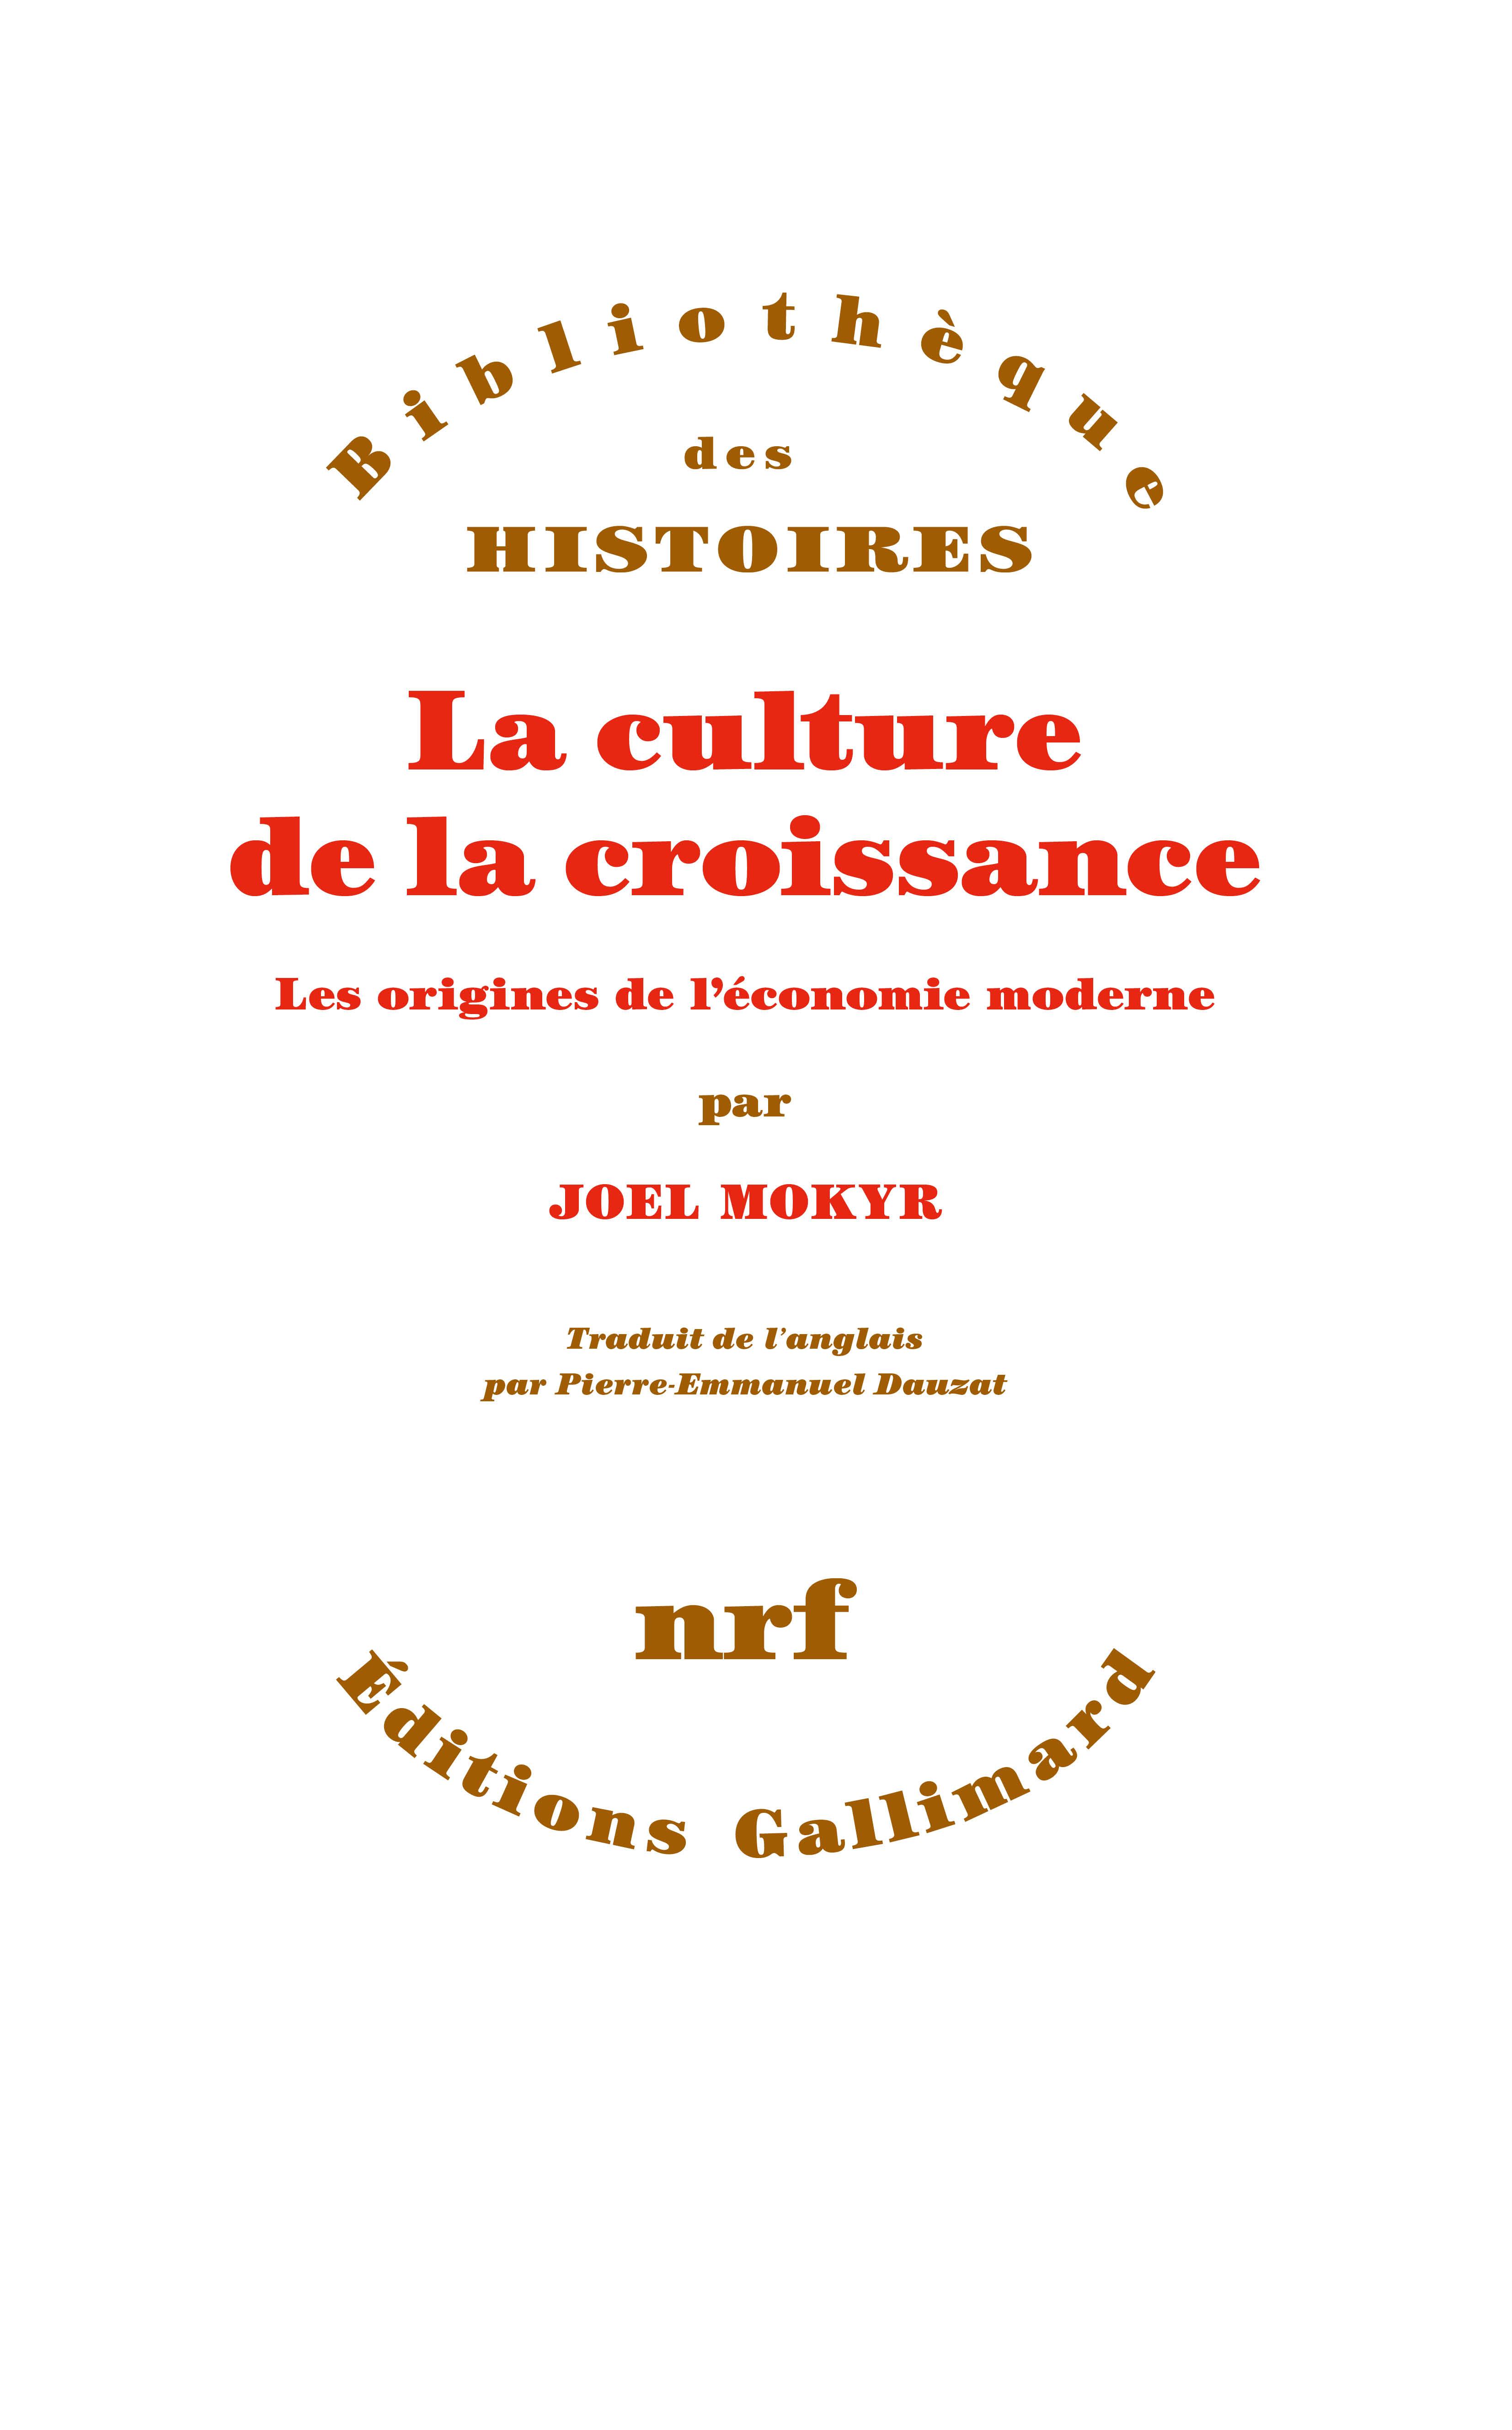 J. Mokyr, La culture de la croissance. Les origines de l'économie moderne